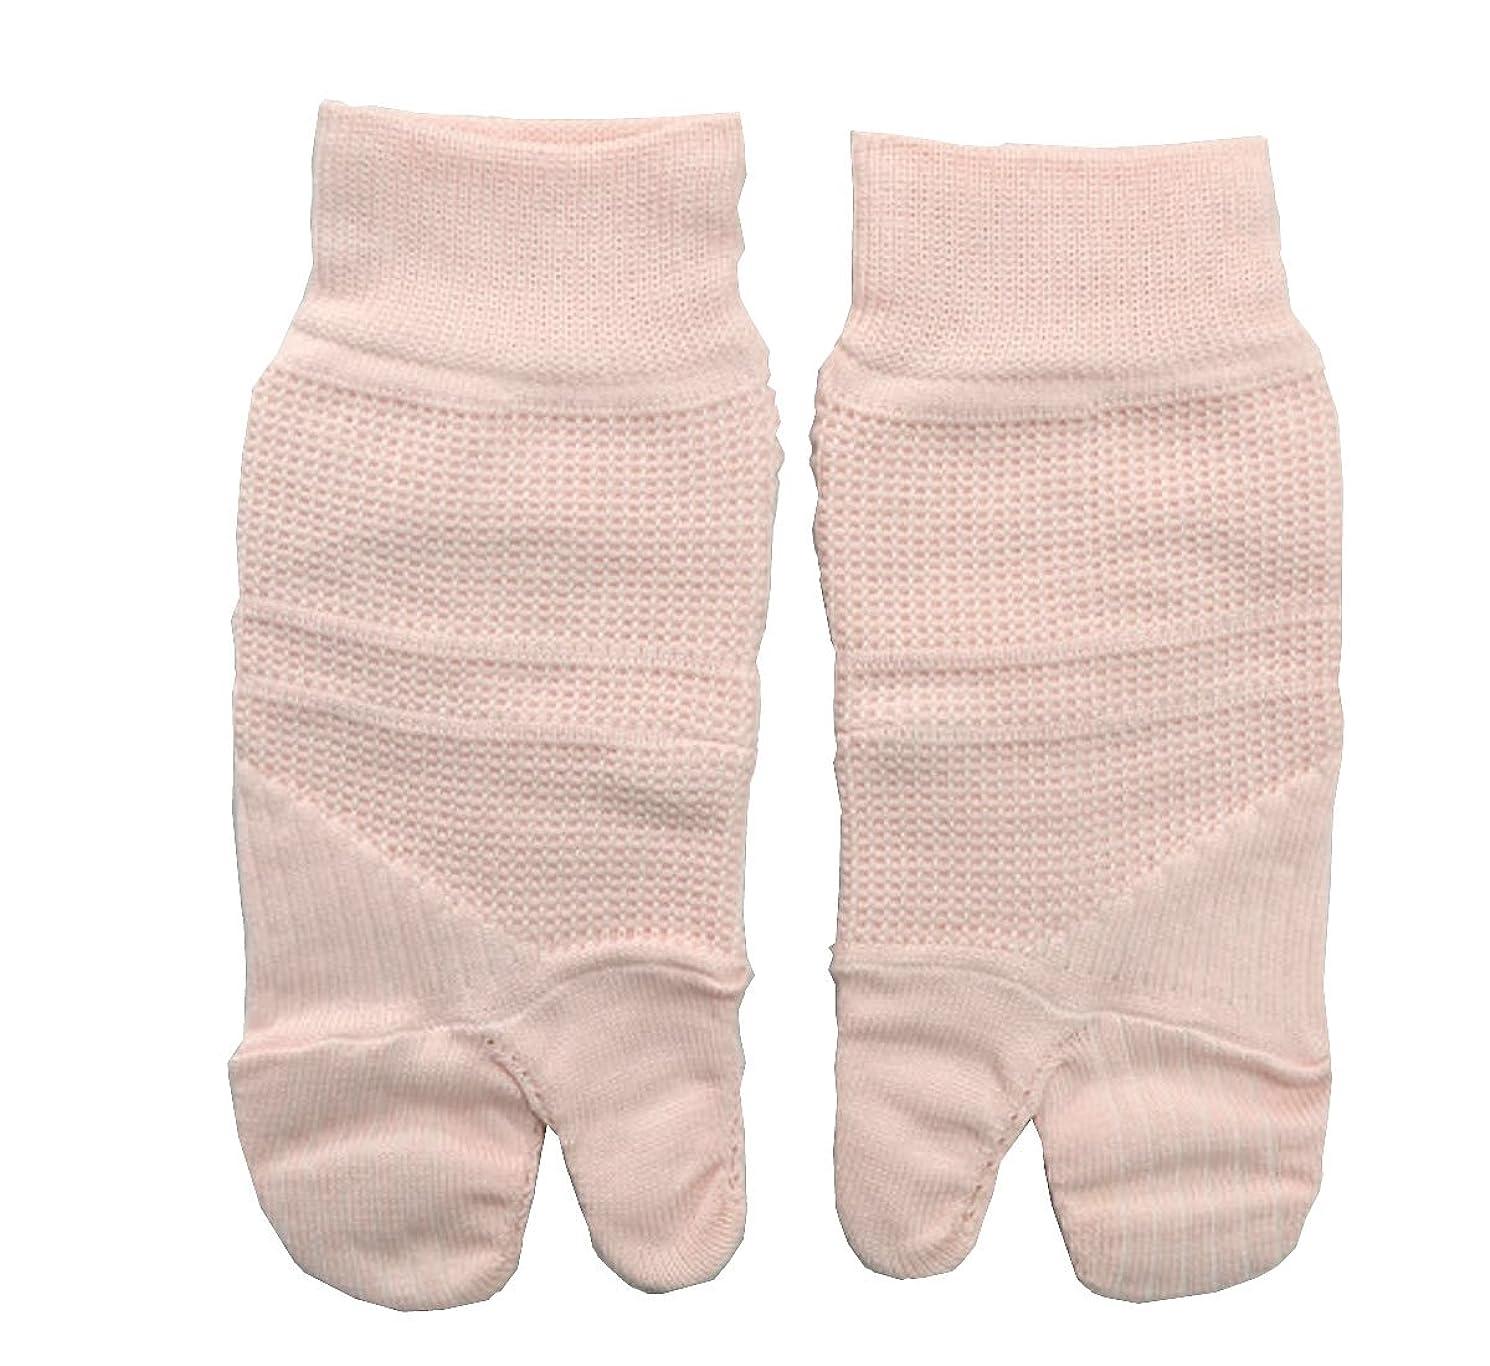 歌建築家無視外反母趾対策靴下(通常タイプ) 着用後でもサイズ交換無料??着用後でも返品可